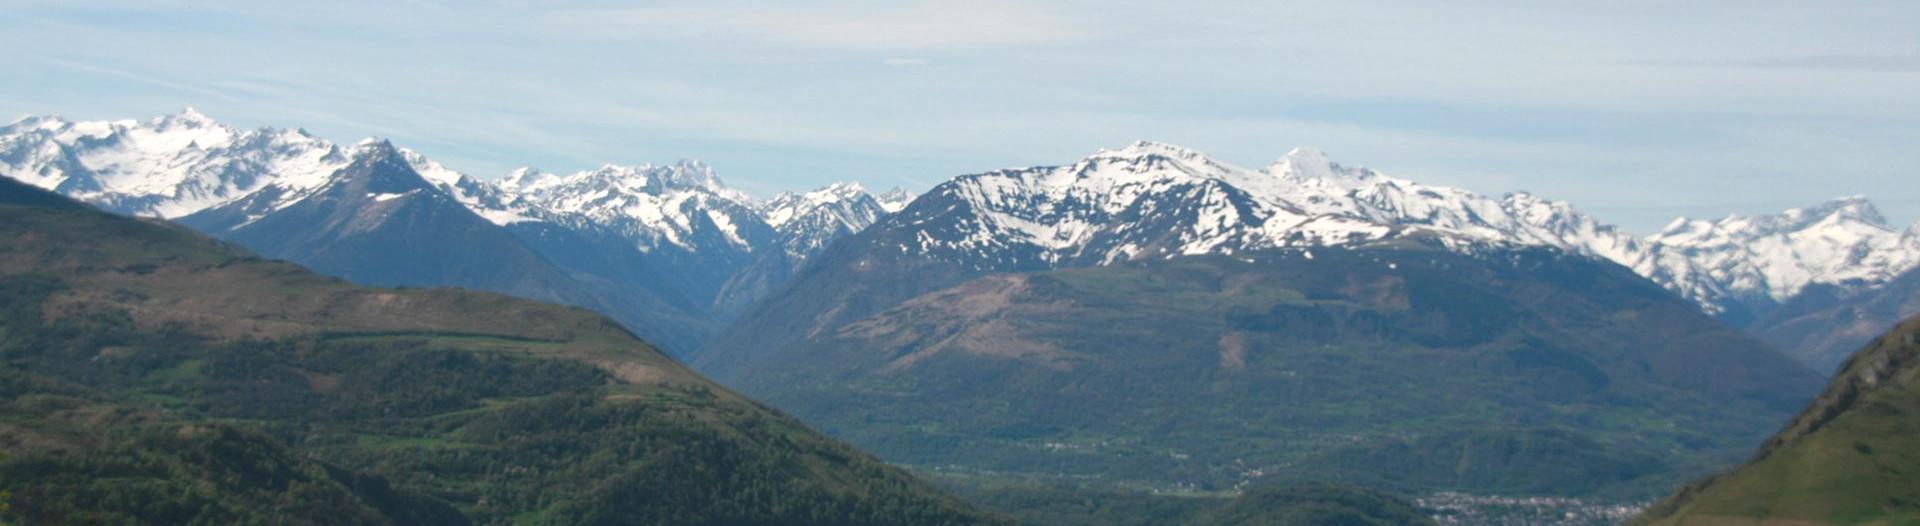 slider-camping-vieux-berger-Lourdes-vue-sur-les-pyrenees